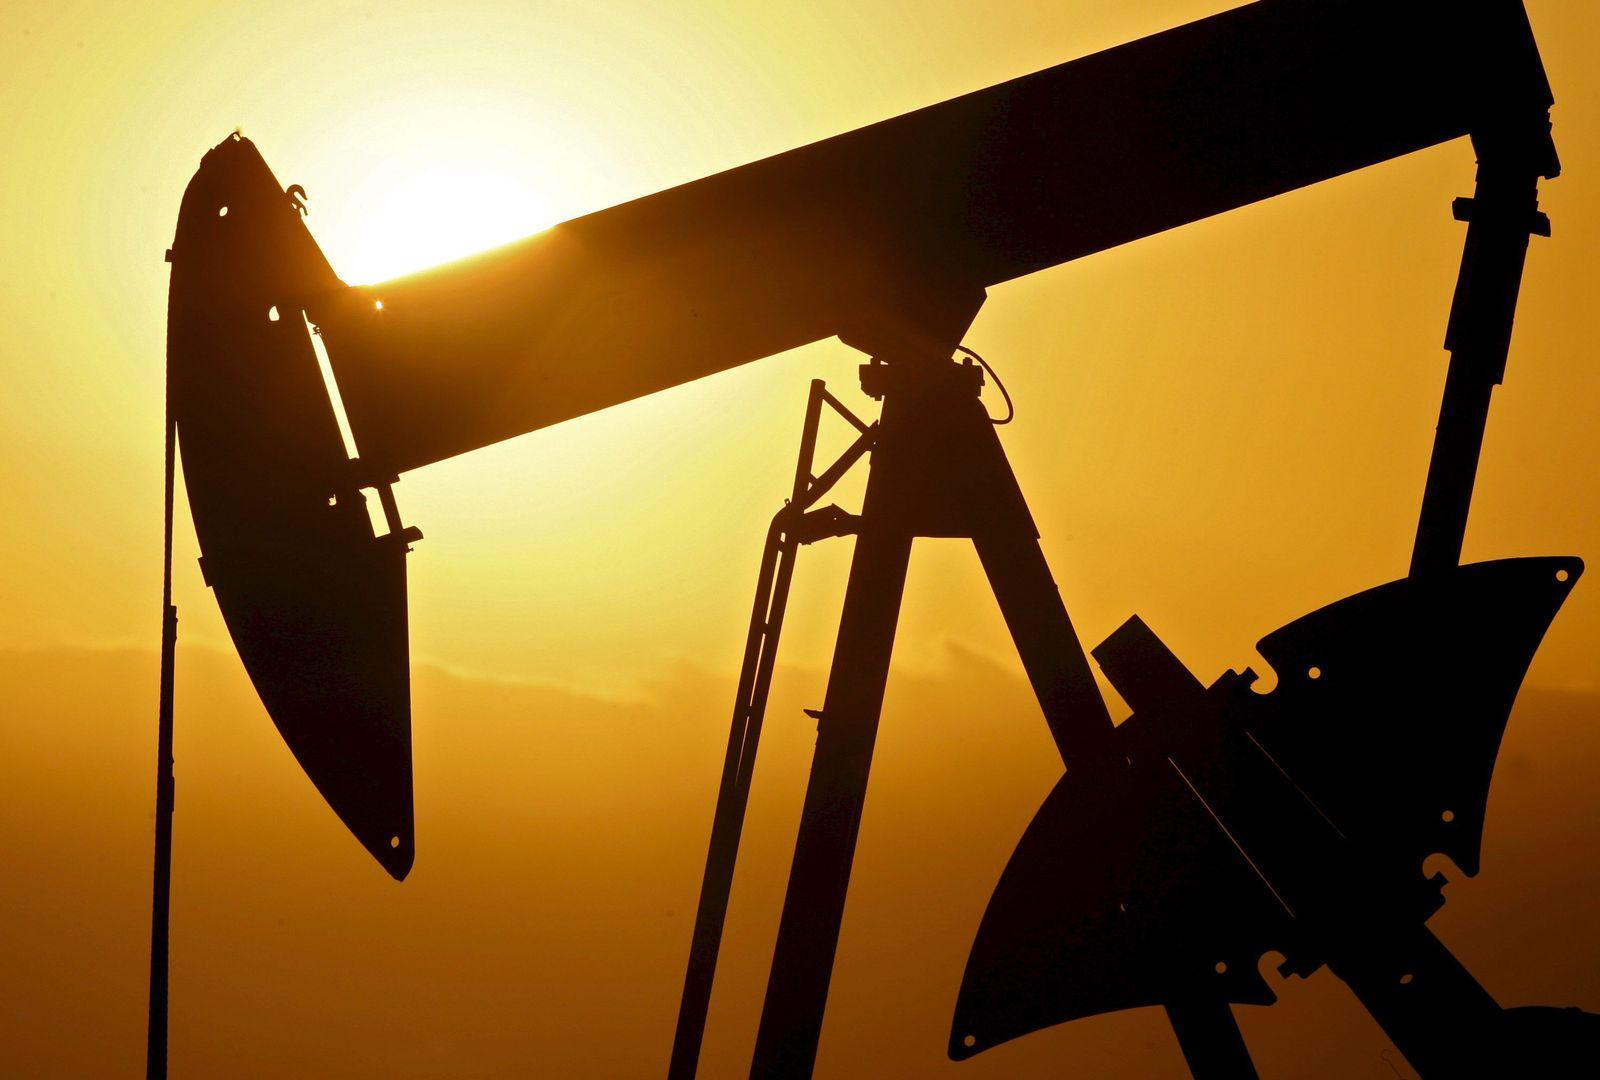 US-Öl nach deutlichem Preisrutsch etwas teurer